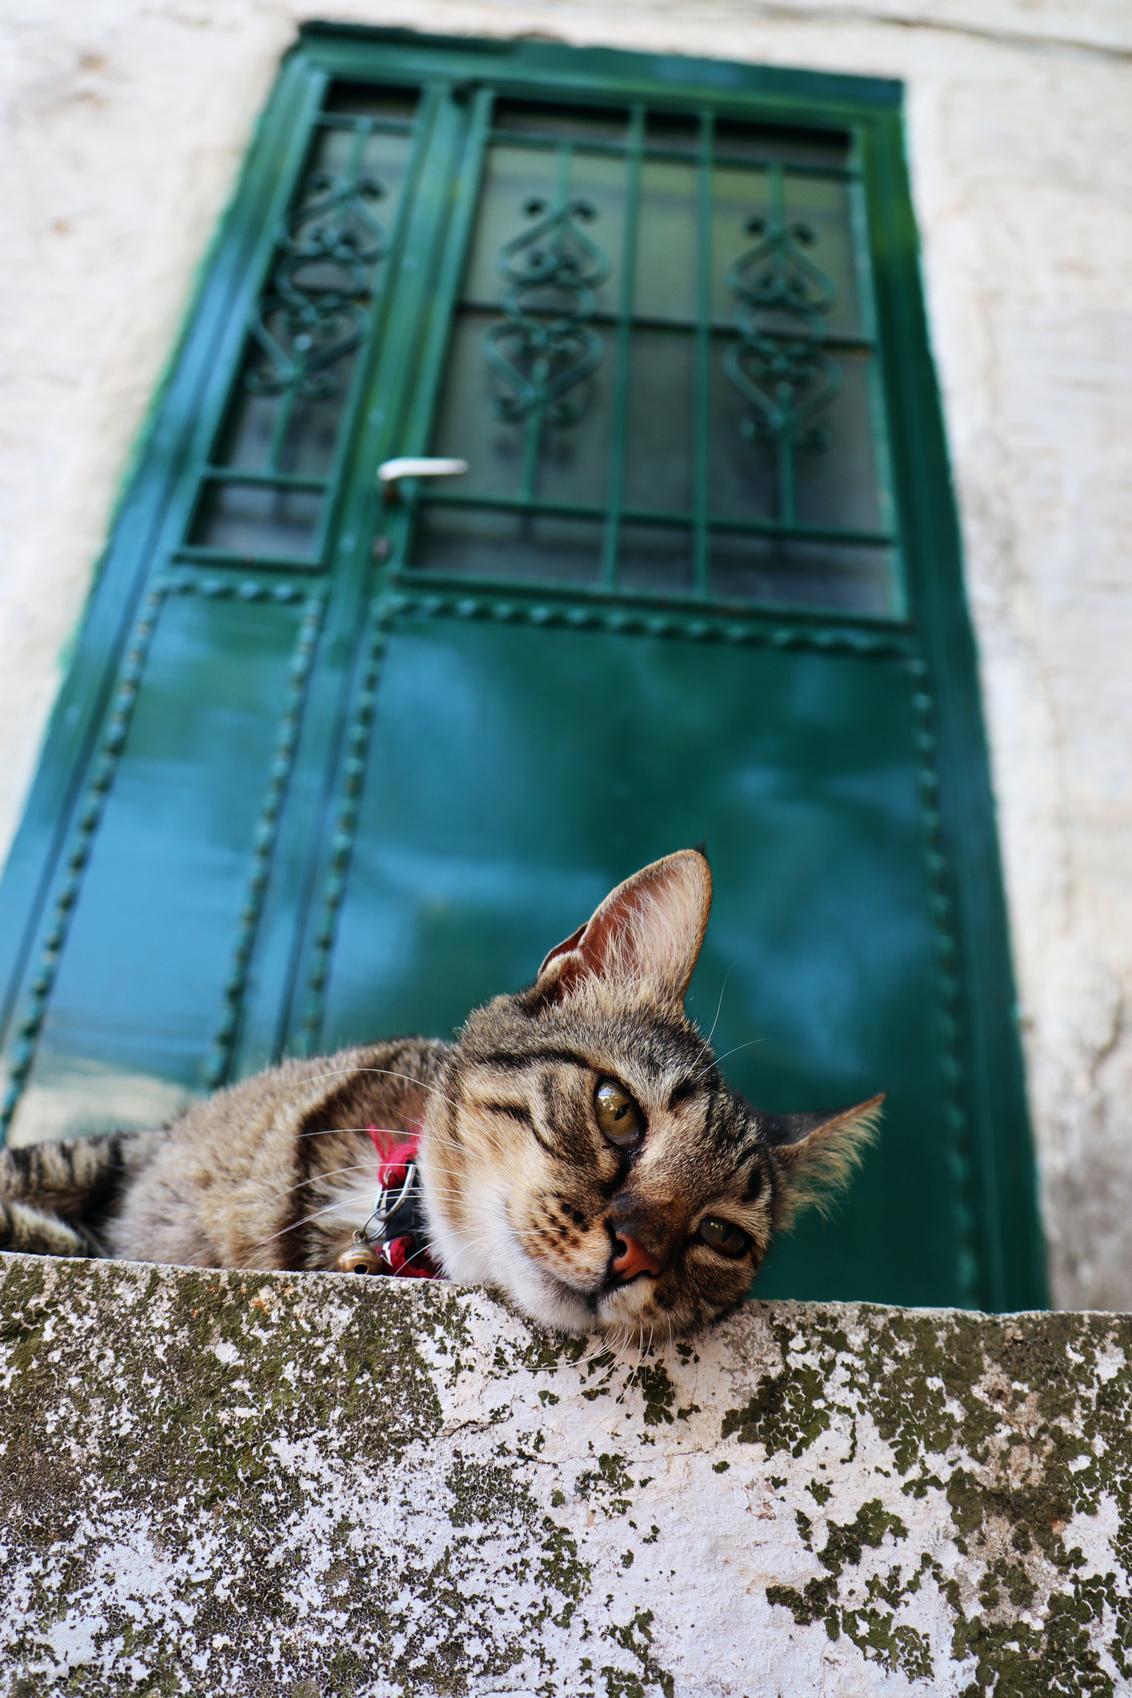 Relaxte huisbewaker - Ik hou van al die prachtige Griekse deuren. Deze kat ging er perfect voor liggen. - foto door Mijke1993 op 12-08-2019 - deze foto bevat: kleur, poes, kat, perspectief, deur, griekenland, grieks